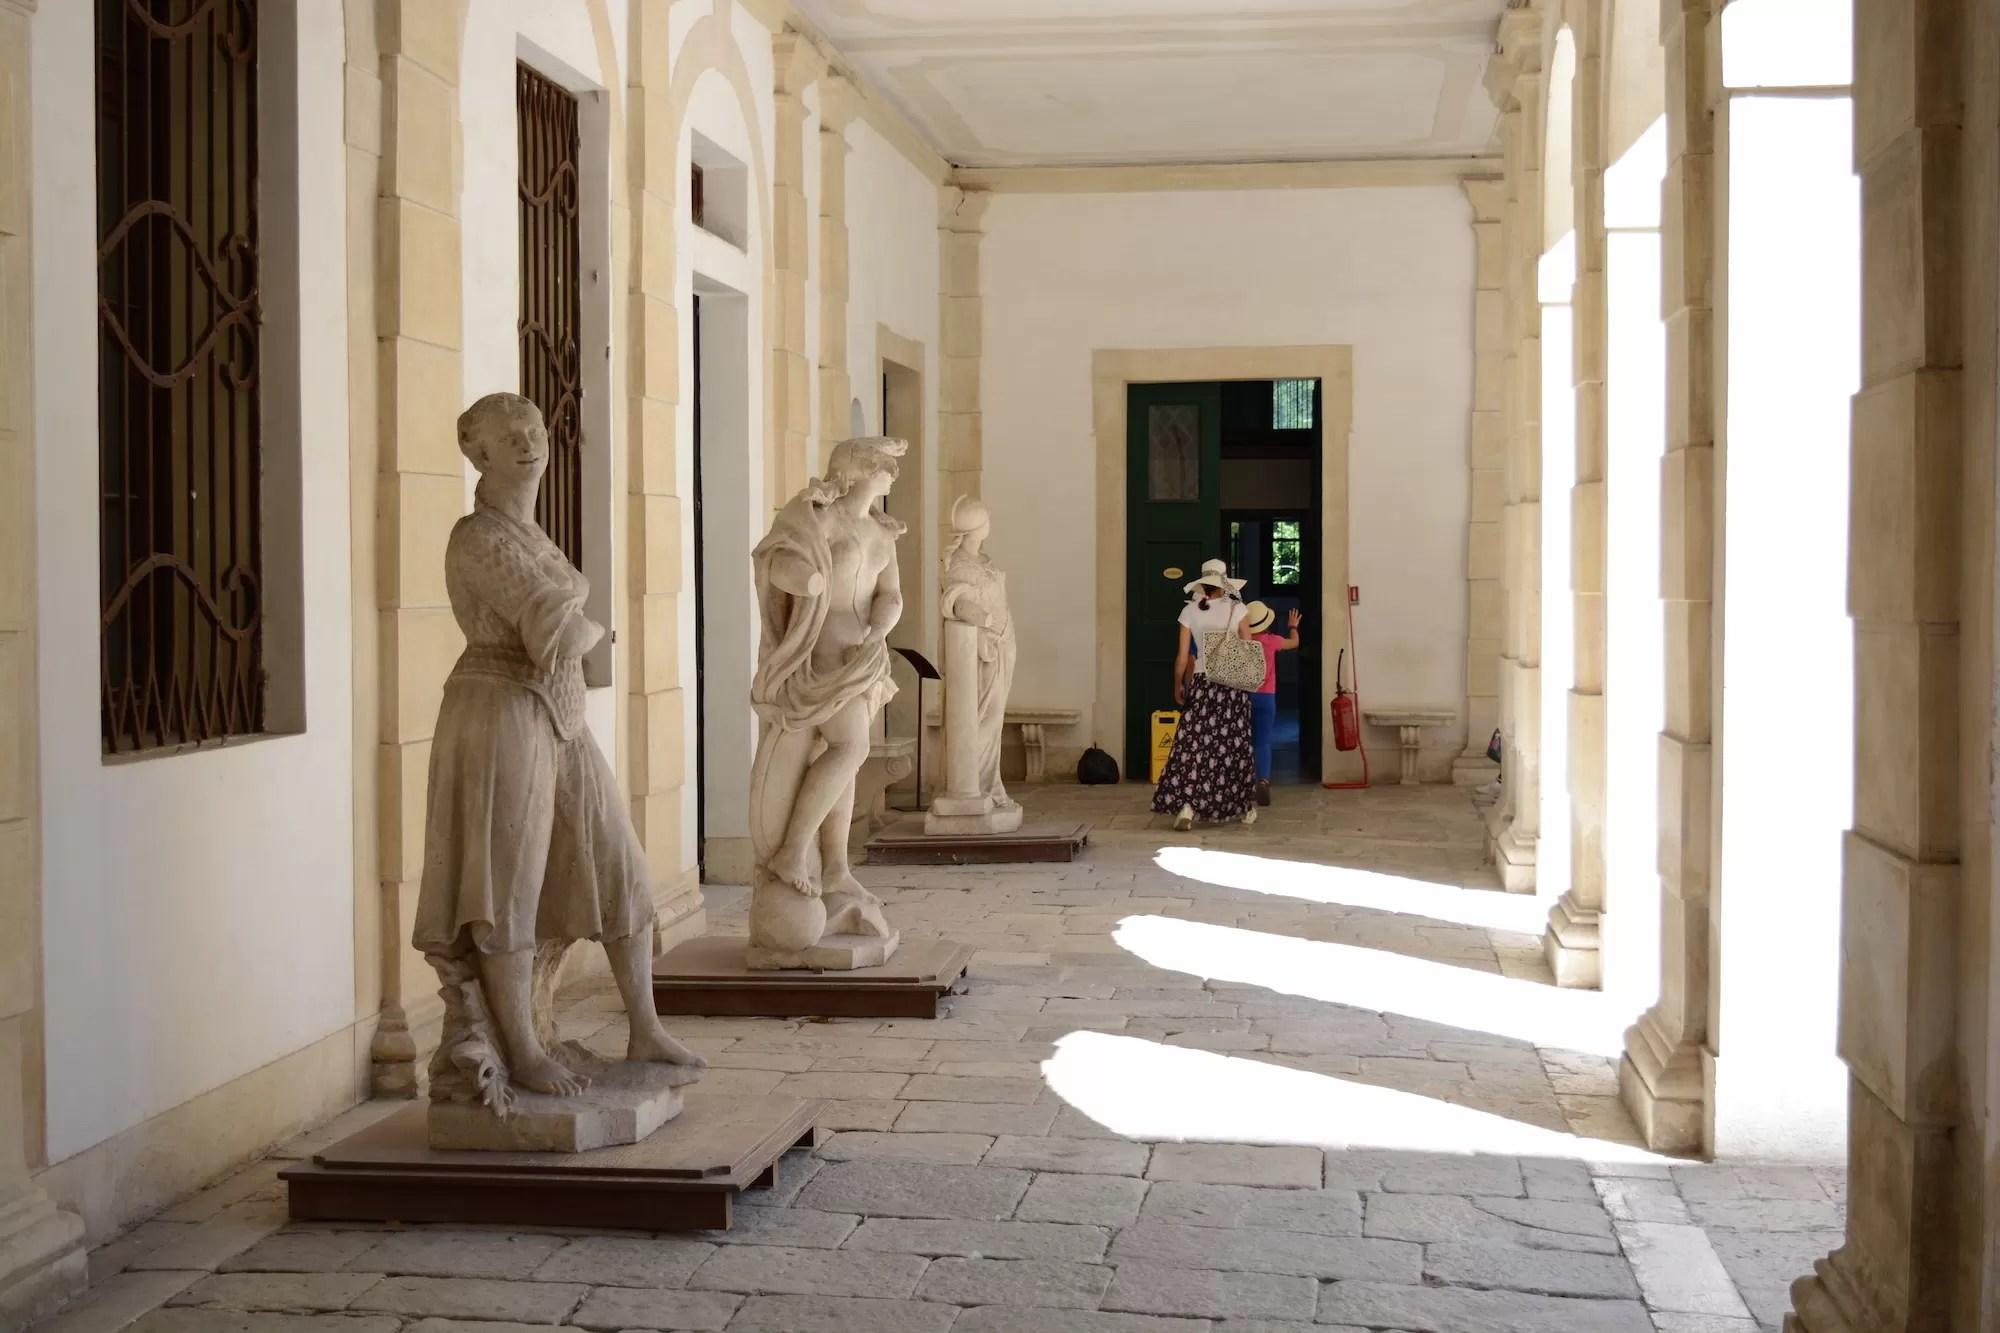 Interni Di Villa Pisani : Una giornata a villa pisani la regina delle ville venete dersutmag